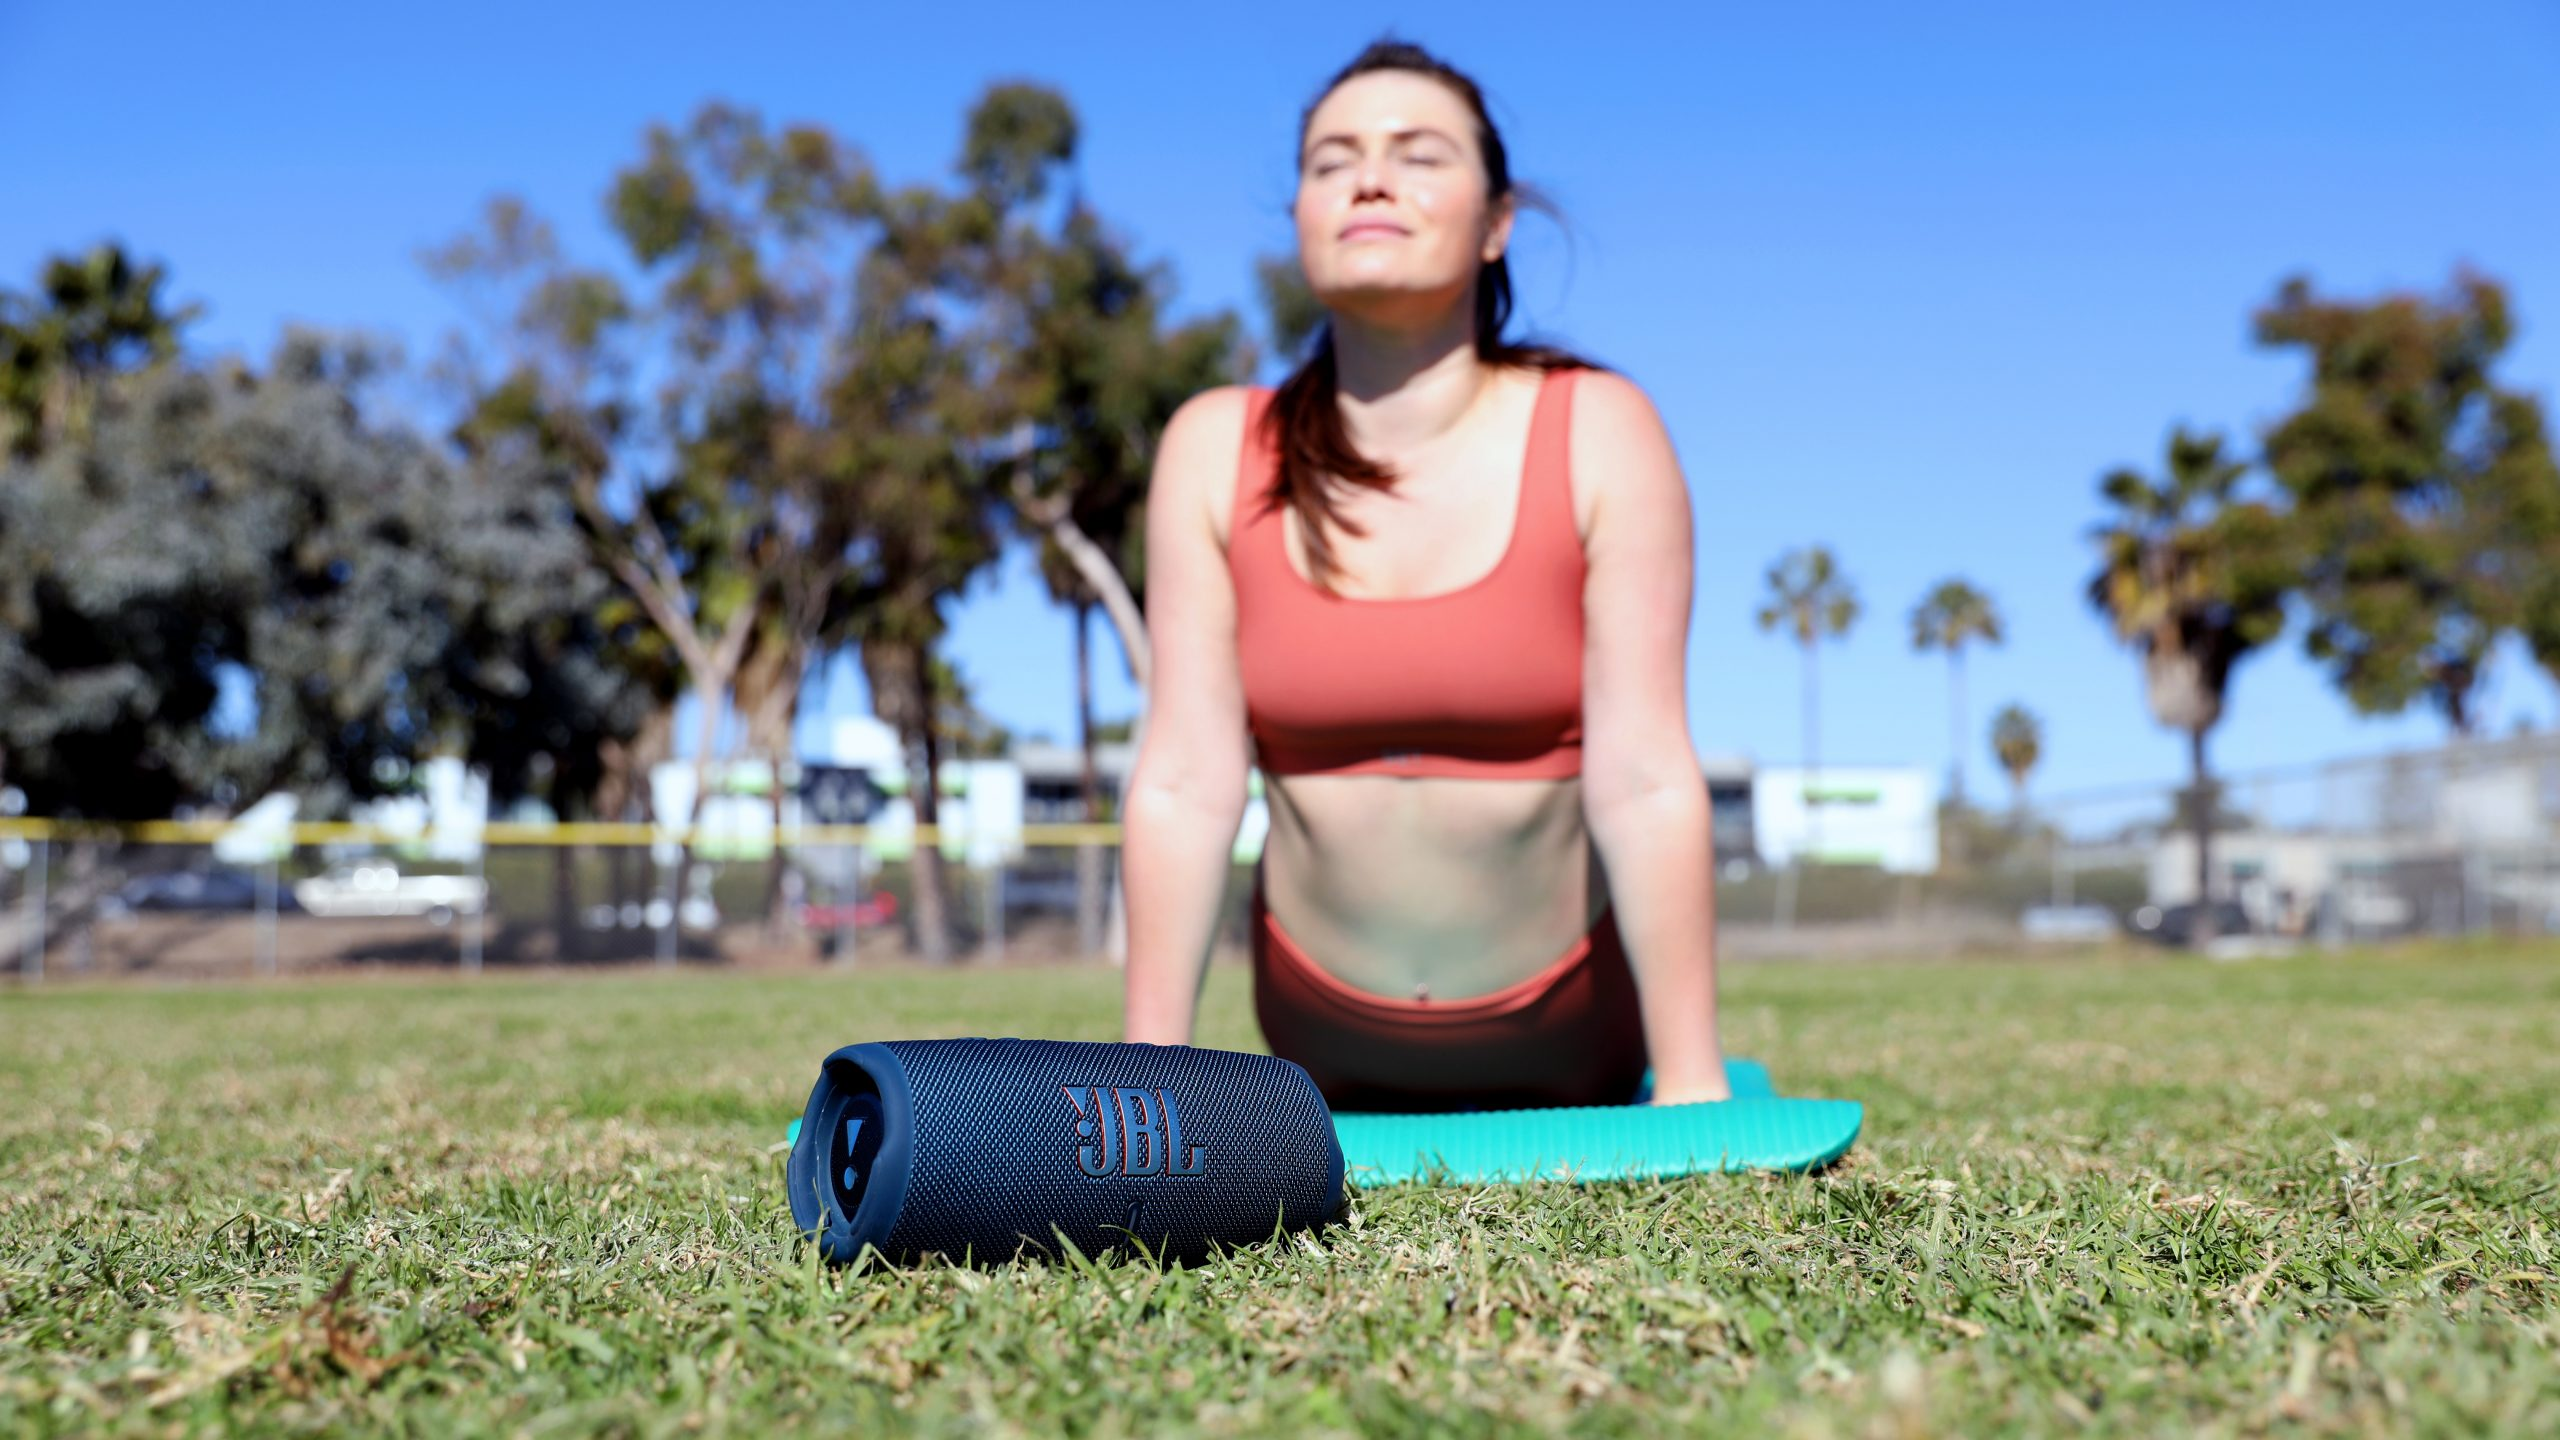 JBL Charge 5 Yoga